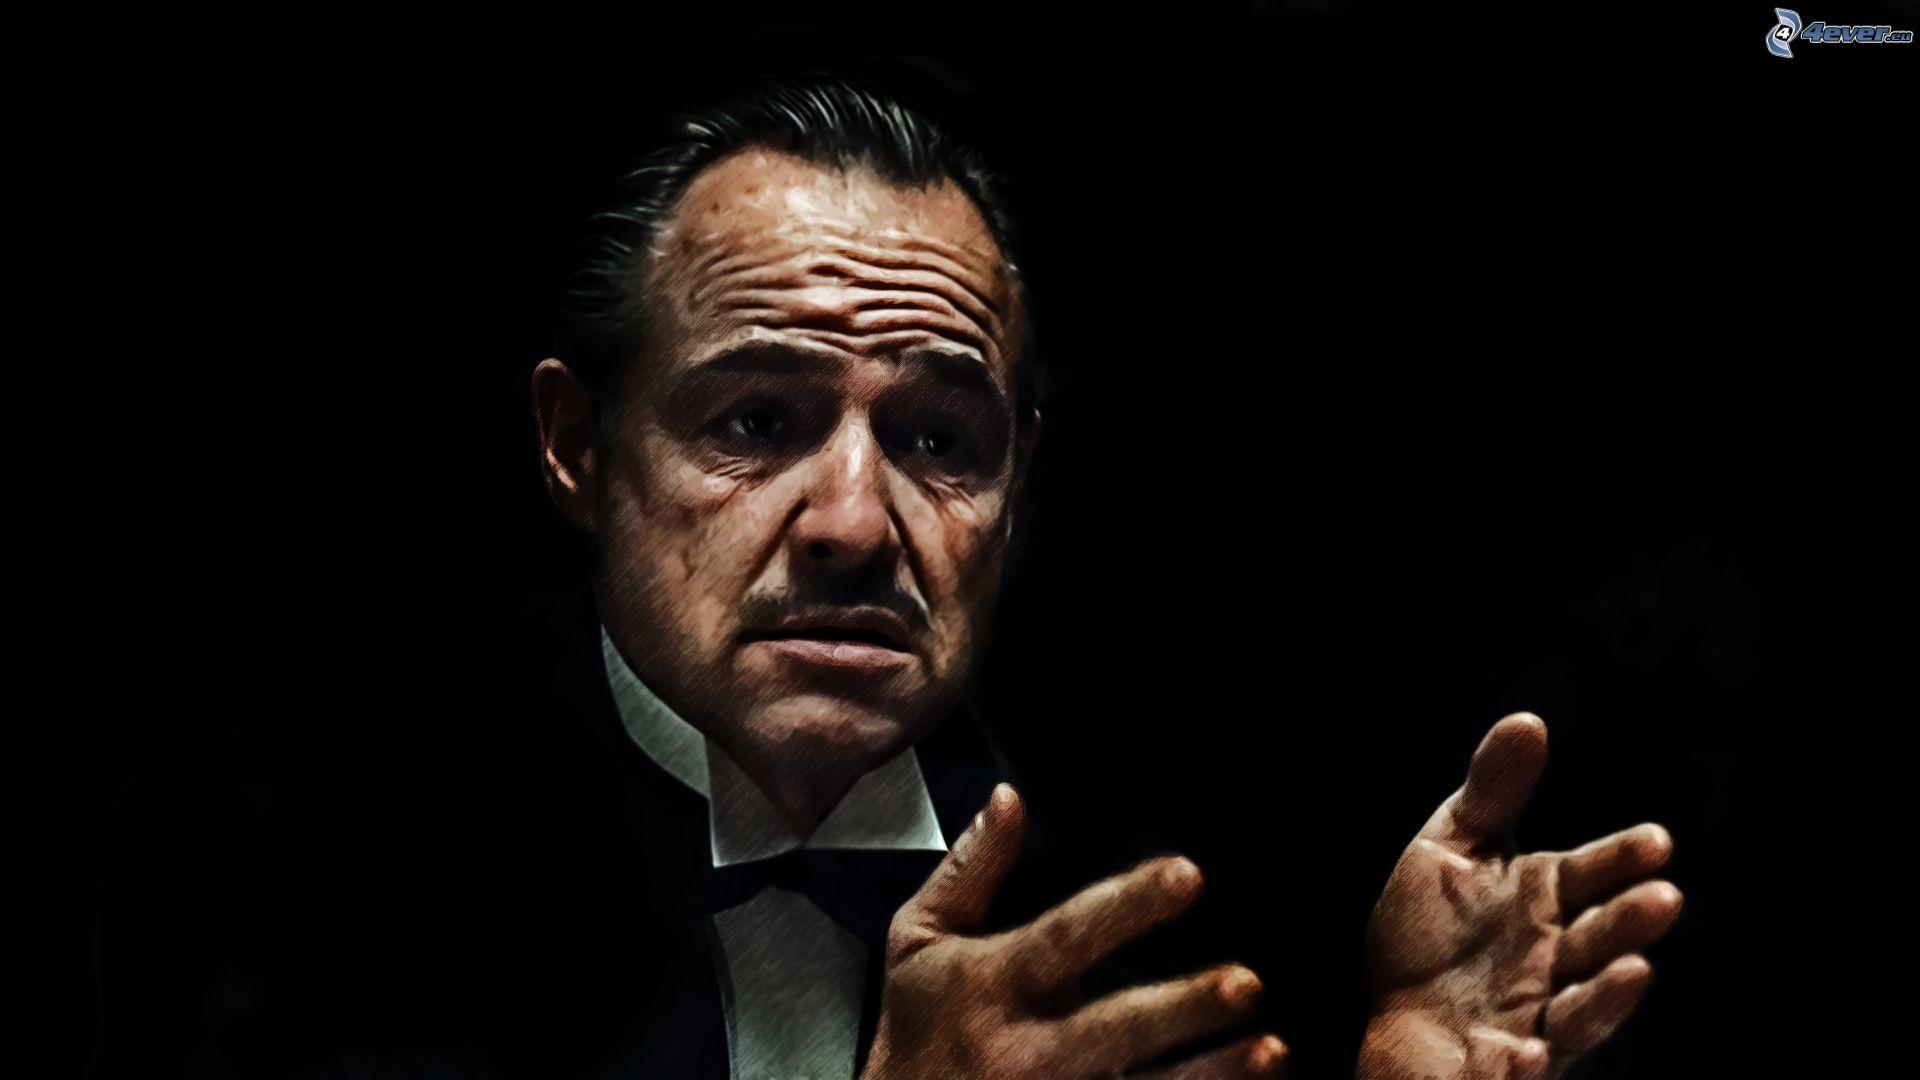 Don <b>Vito Corleone</b>, The Godfather - don-vito-corleone,-the-godfather-184856